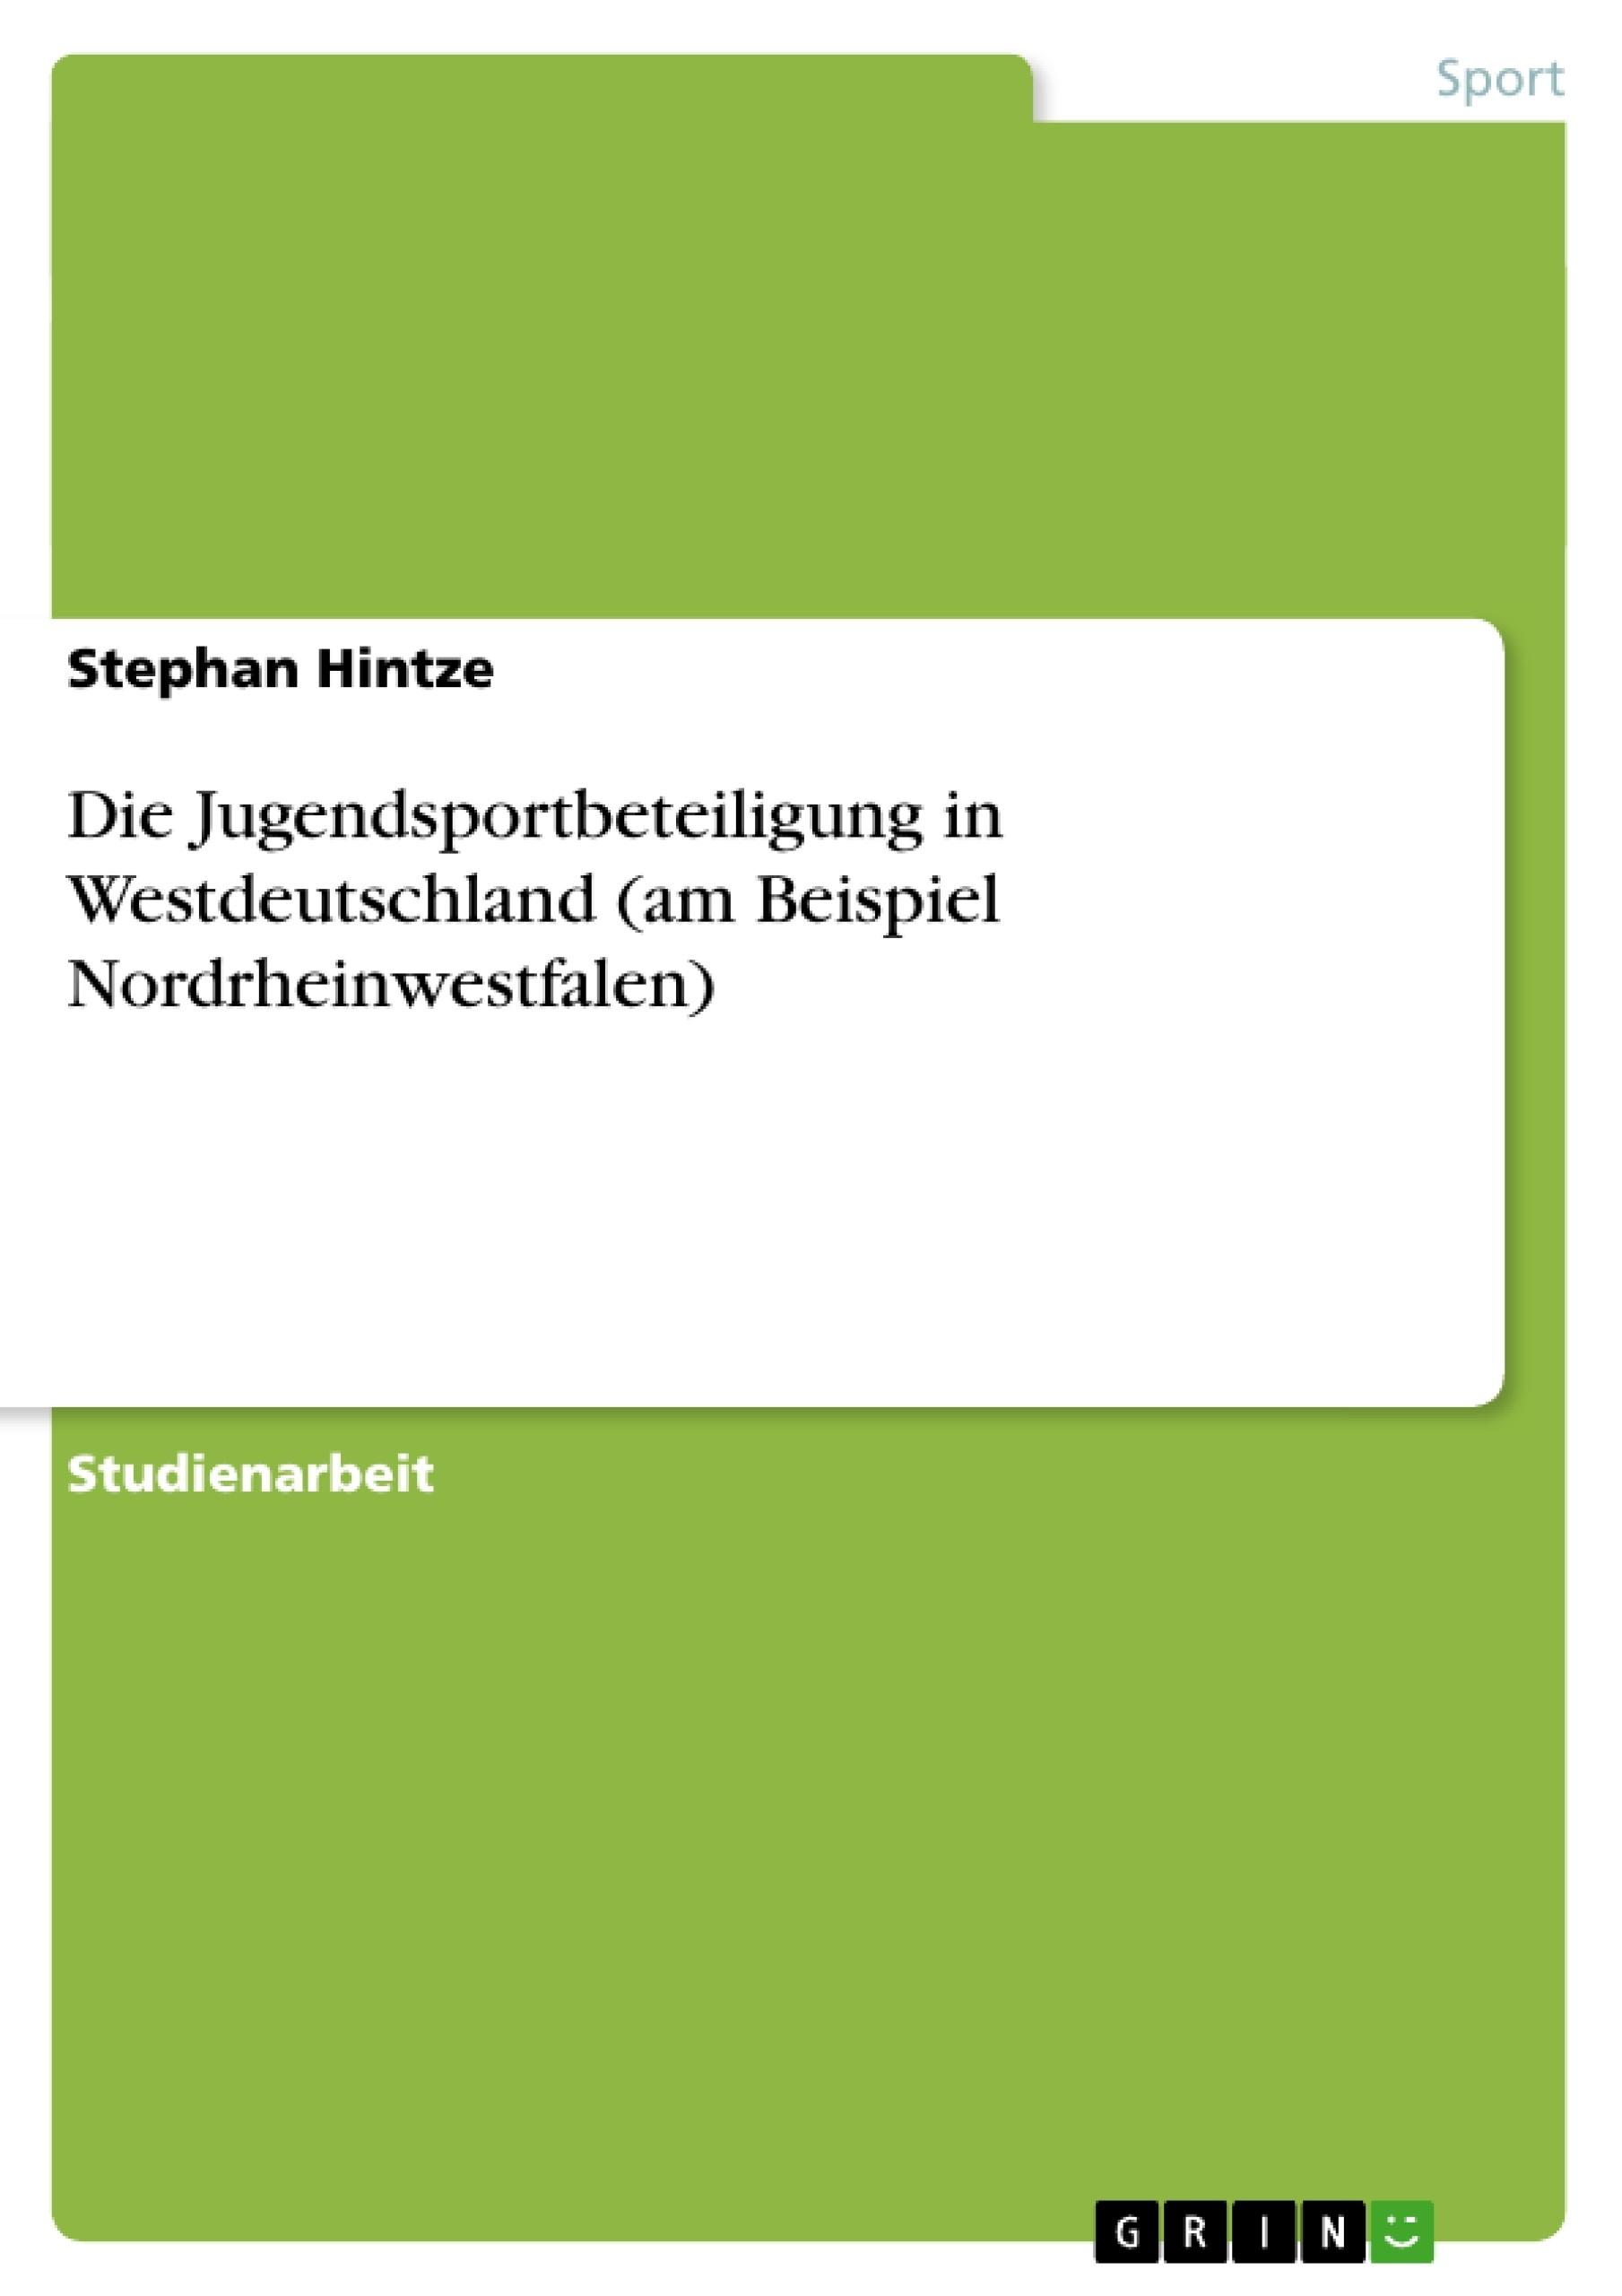 Titel: Die Jugendsportbeteiligung in Westdeutschland (am Beispiel Nordrheinwestfalen)